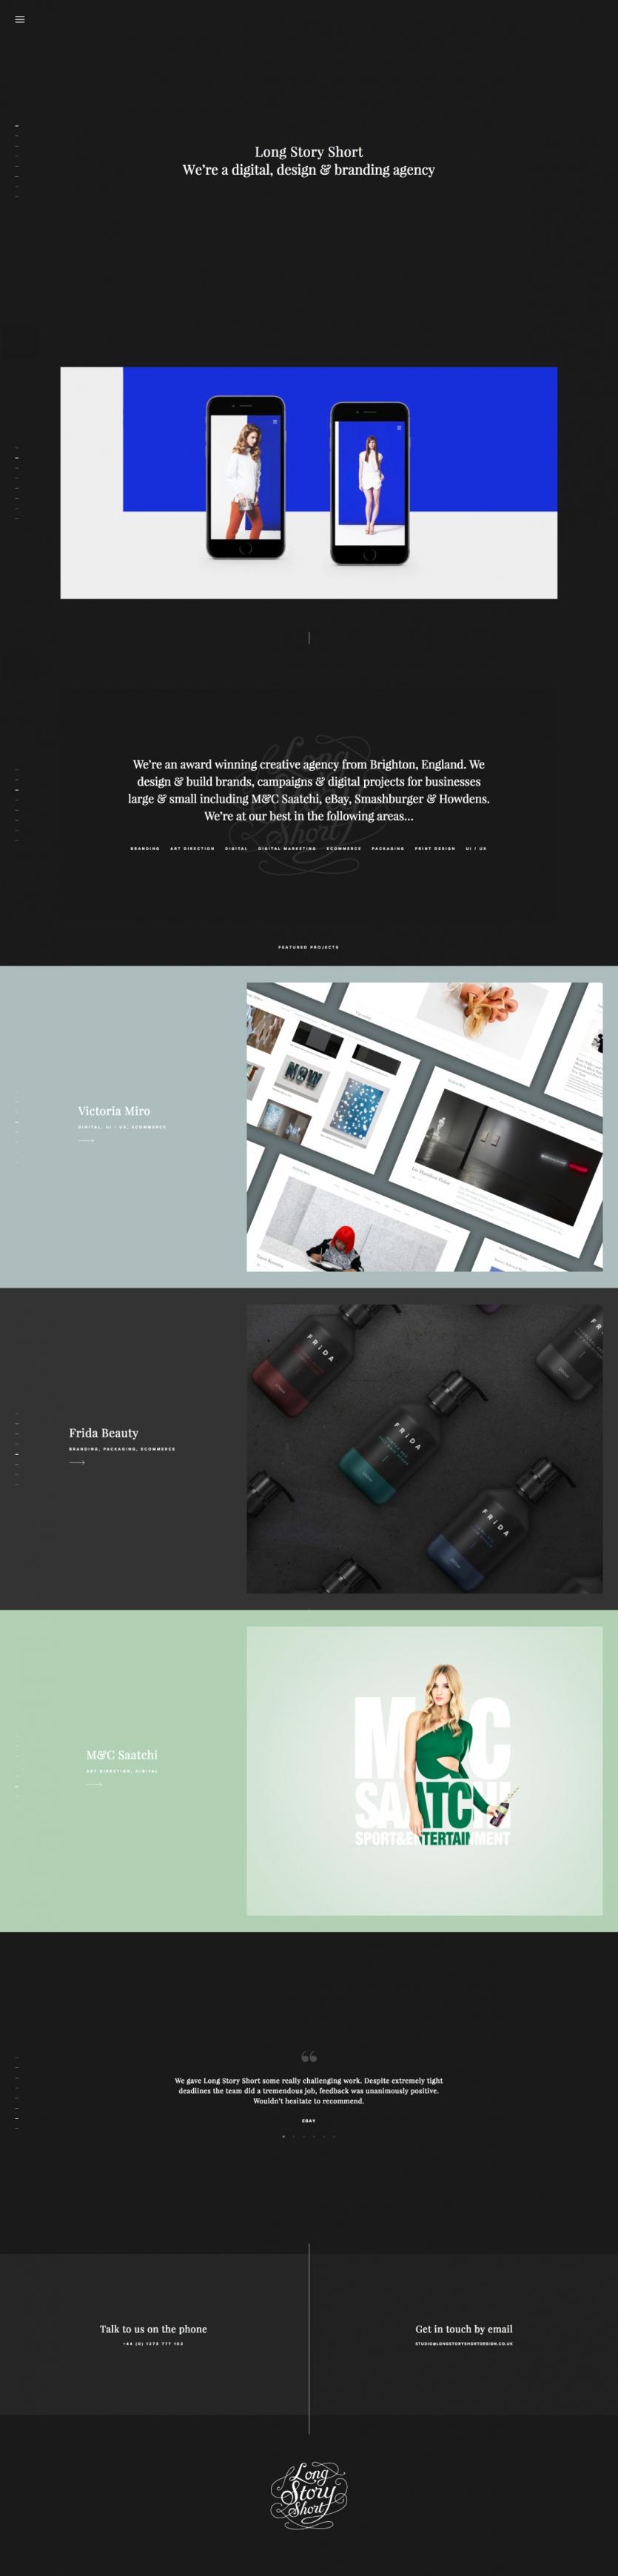 Long Story Short Web Design Web Design Inspiration Mobile Web Design